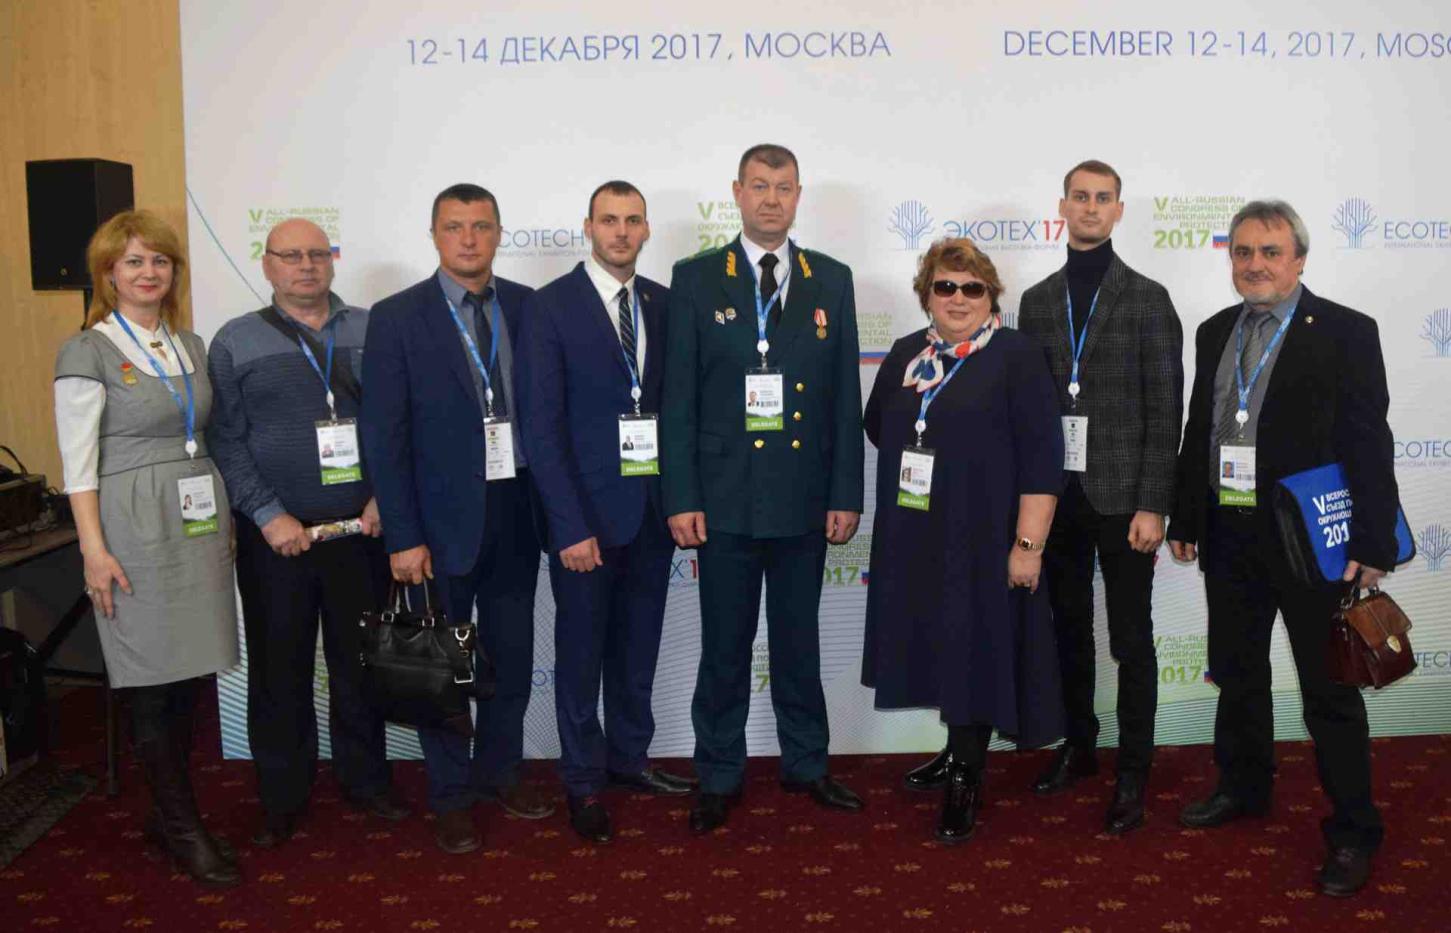 C 11 по 17 декабря 2017 года член Совета Общественной палаты Амурской области Геннадий Илларионов участвовал в нескольких важных федеральных мероприятиях в Москве